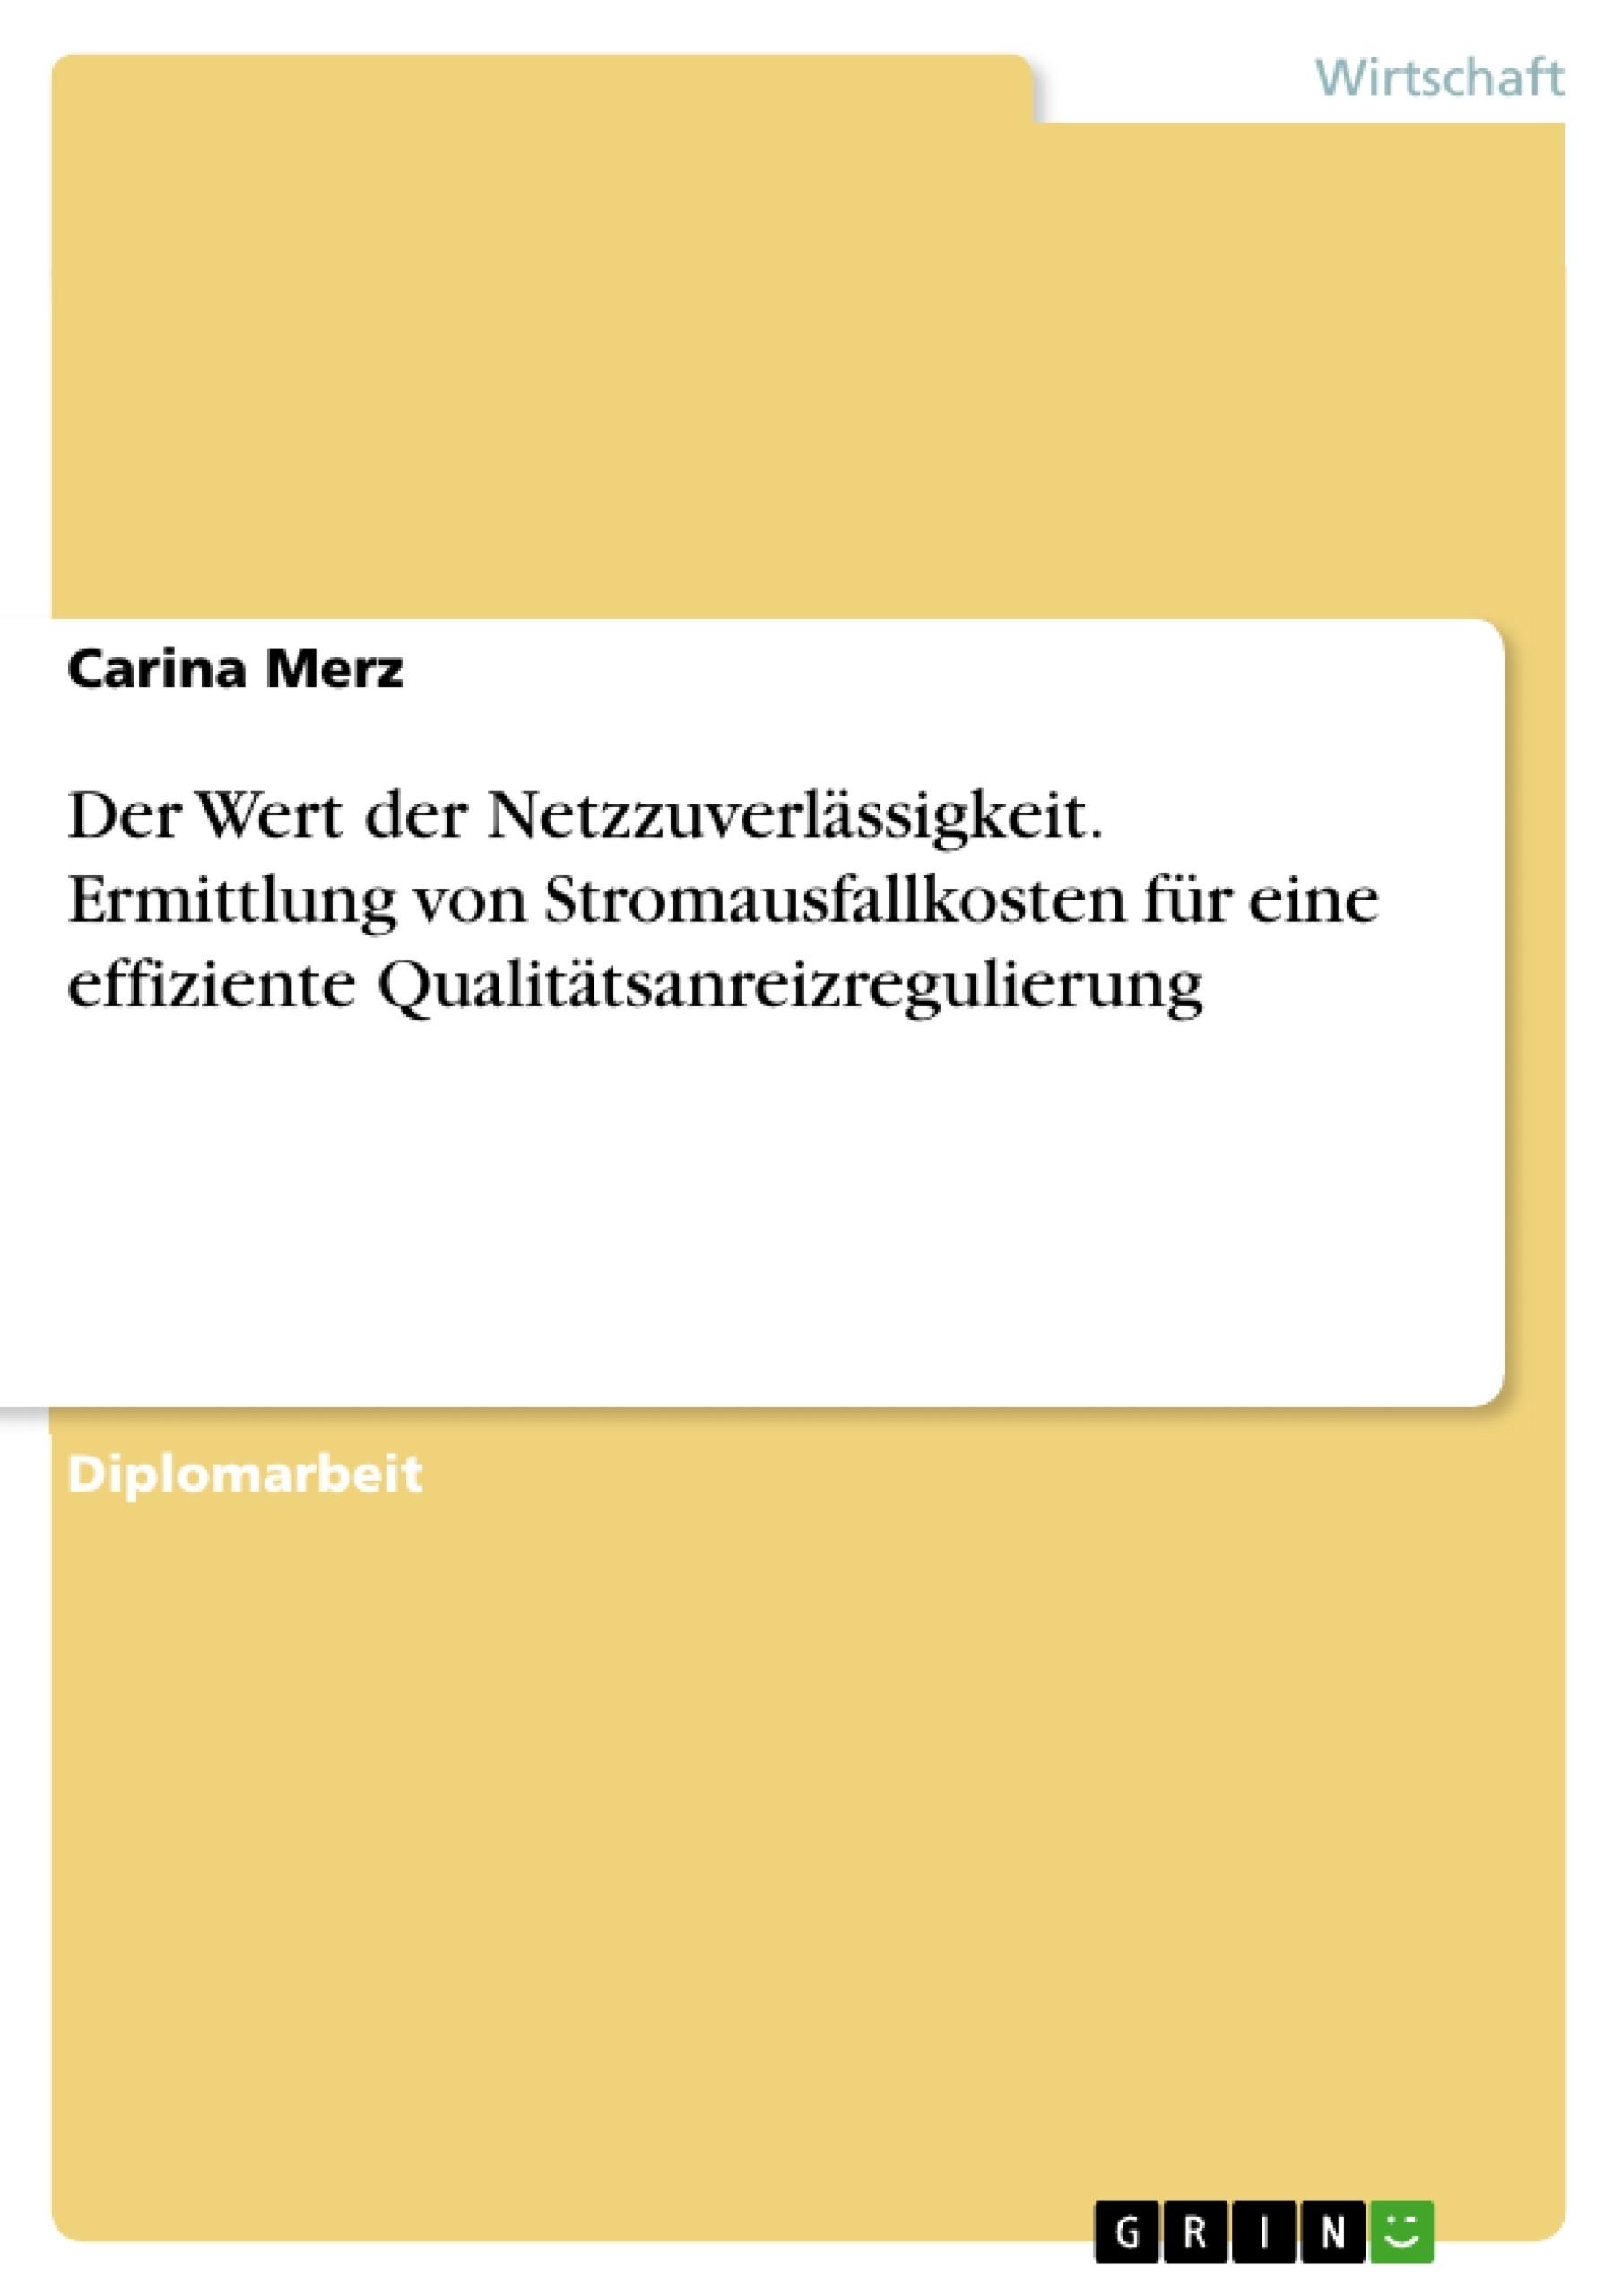 Titel: Der Wert der Netzzuverlässigkeit. Ermittlung von Stromausfallkosten für eine effiziente Qualitätsanreizregulierung